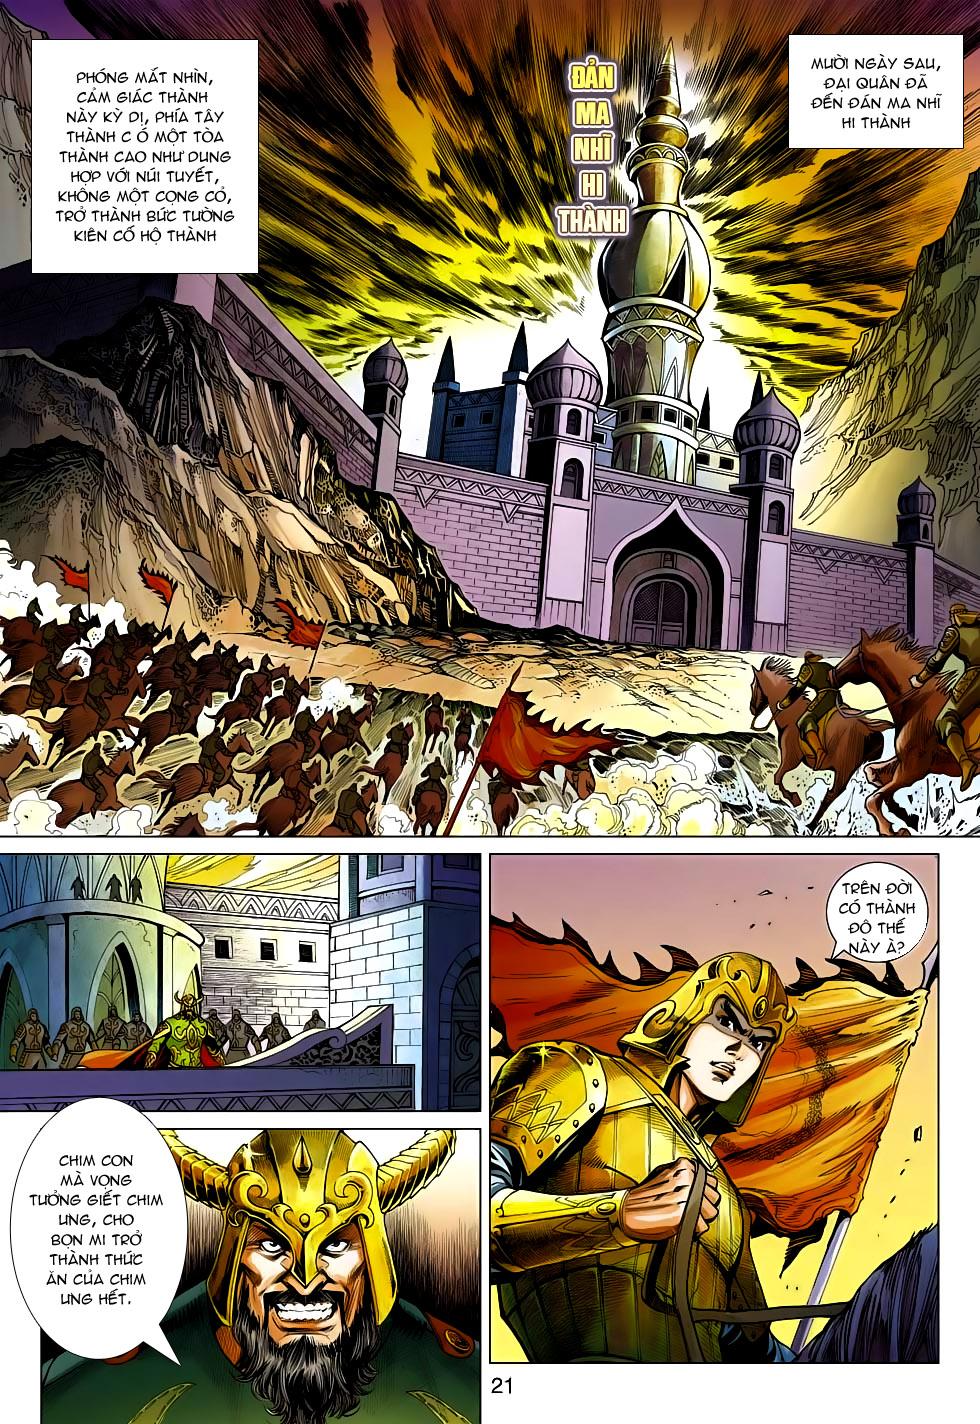 xem truyen moi - Anh Hùng Xạ Điêu - Chapter 94: Thâu hội Thốc Mộc Phong